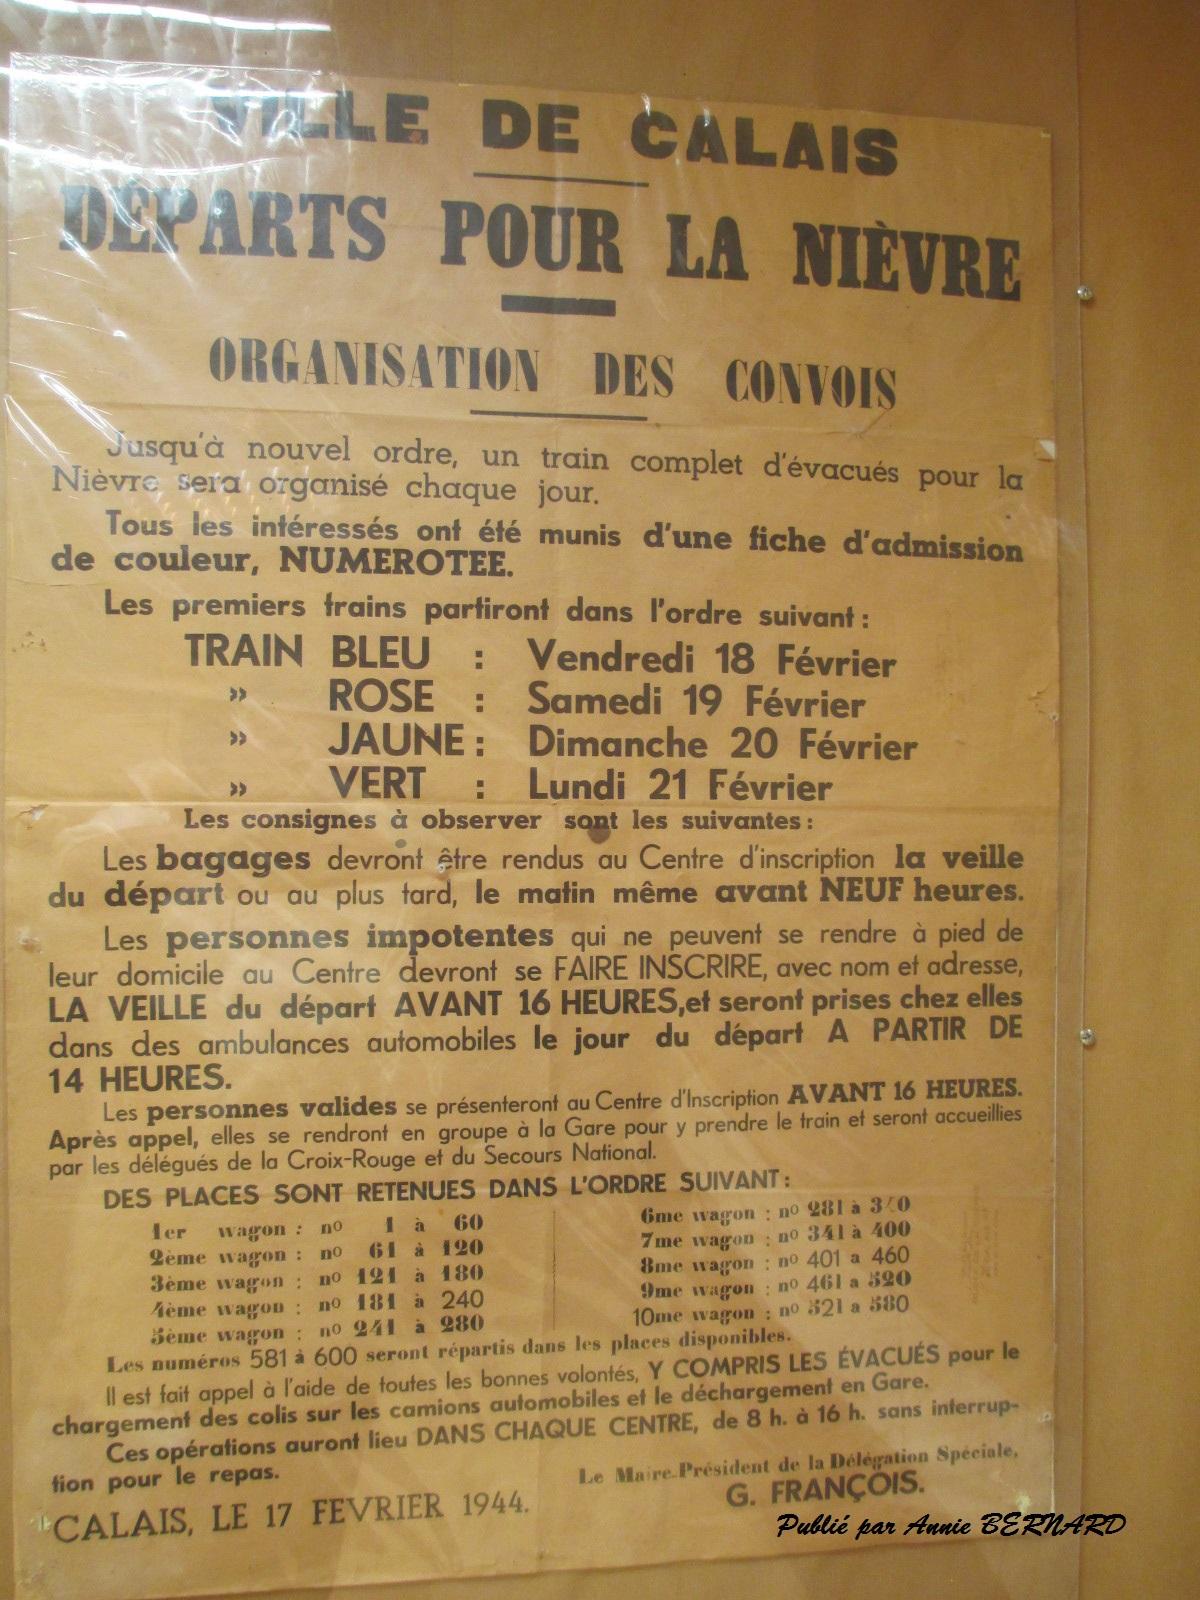 Publication de la ville de Calais